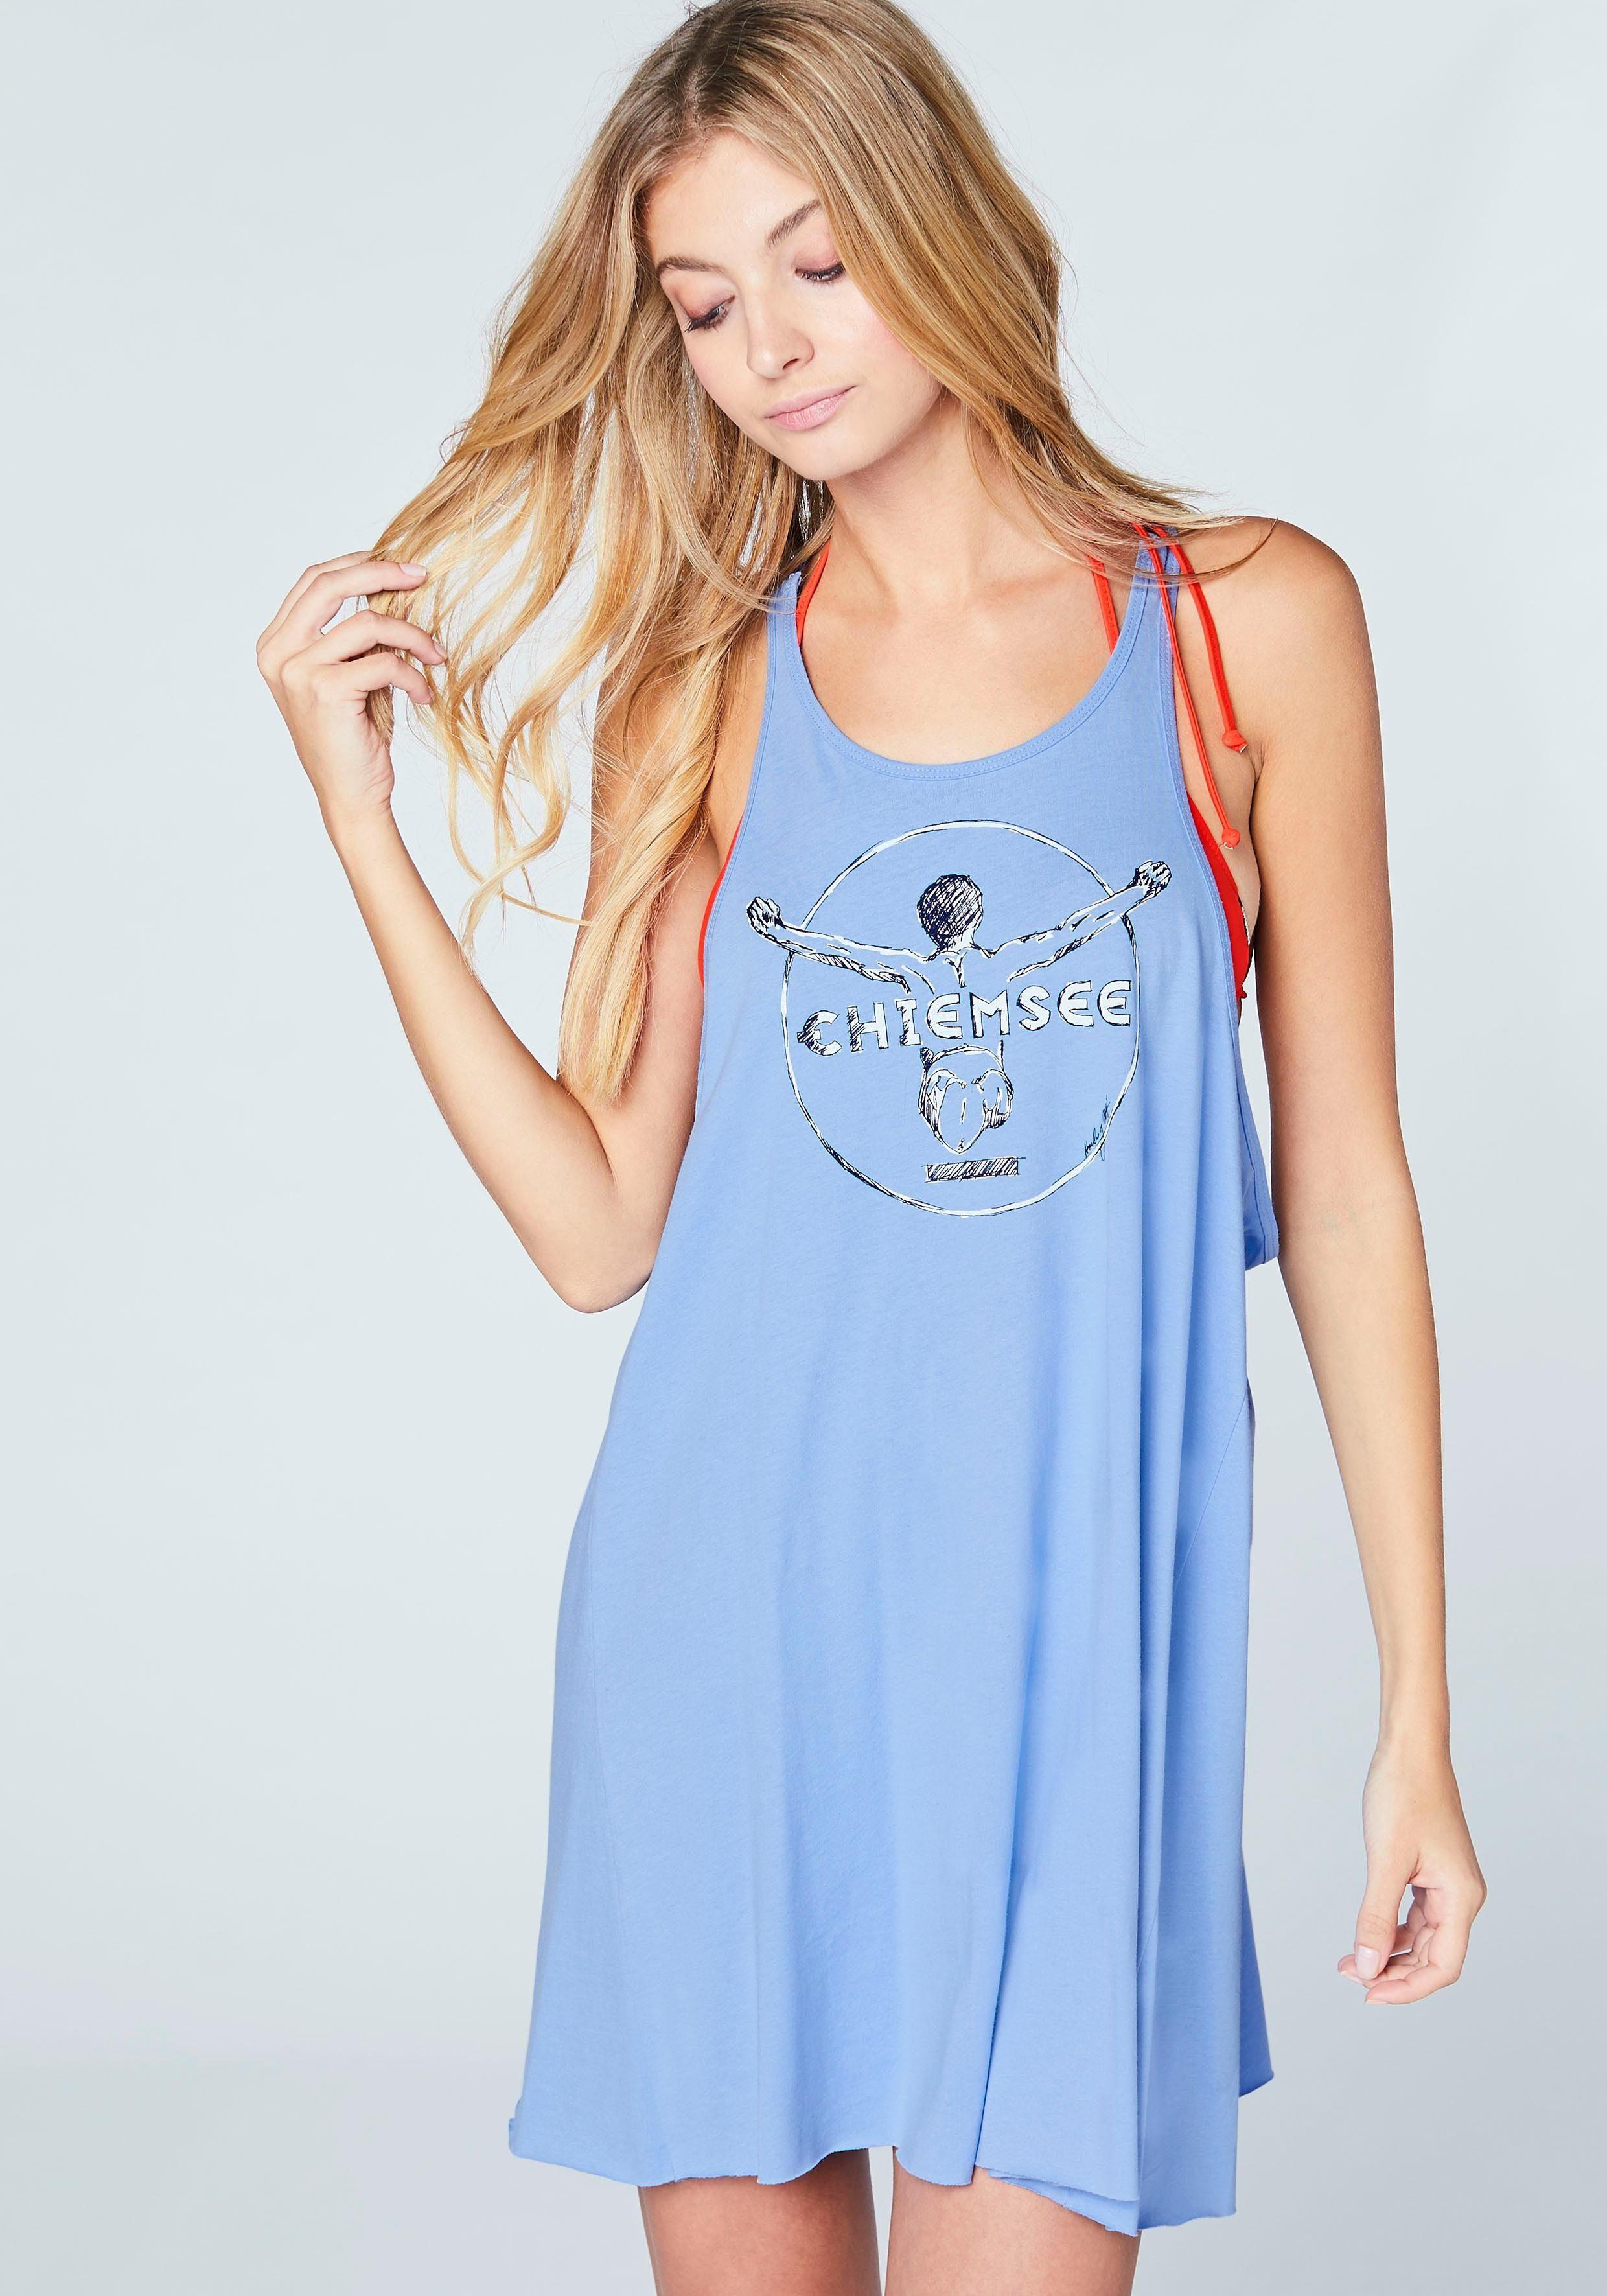 Chiemsee Shirtkleid Damenmode/Bekleidung/Kleider/Shirtkleider